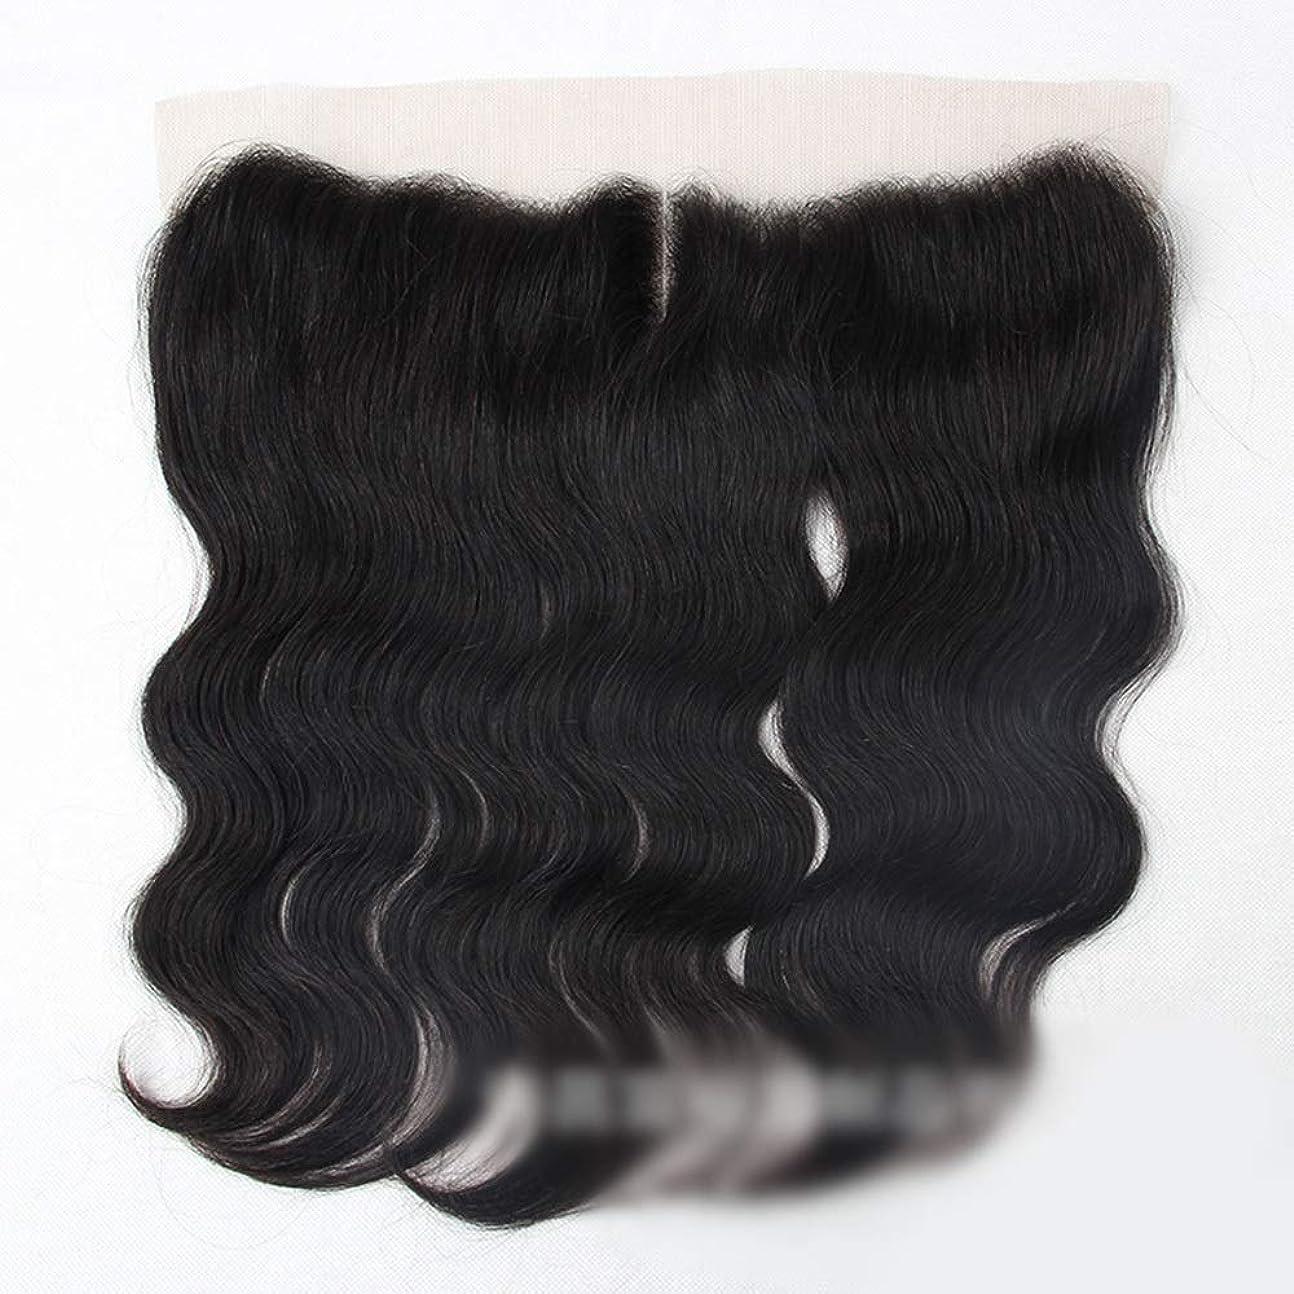 オーラル怖がらせるカナダBOBIDYEE ブラジルの実体波人間の髪の毛13×4レース前頭閉鎖中間部ナチュラルブラックカラーショートウィッグ (色 : 黒, サイズ : 10 inch)